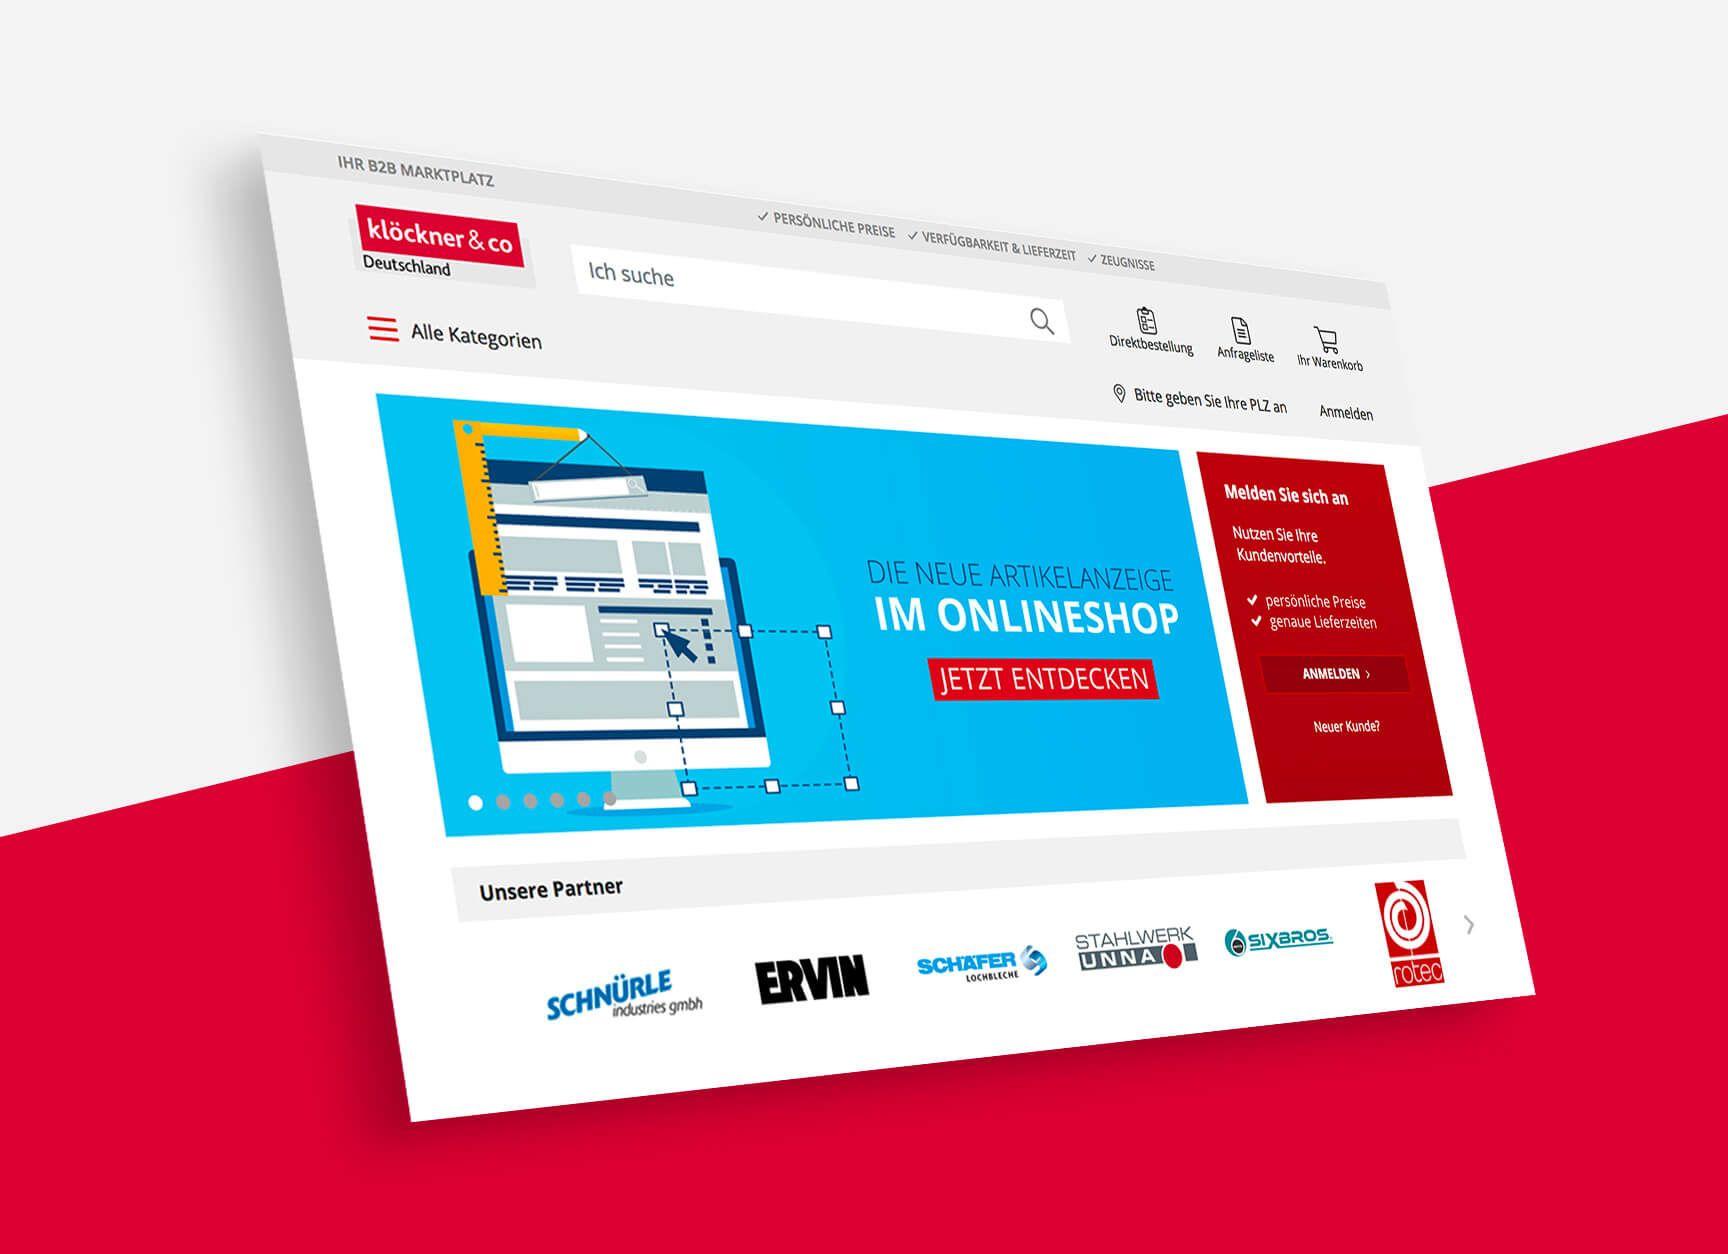 diva-e begleitet Stahlhandelsriese Klöckner bei der Digitalisierung